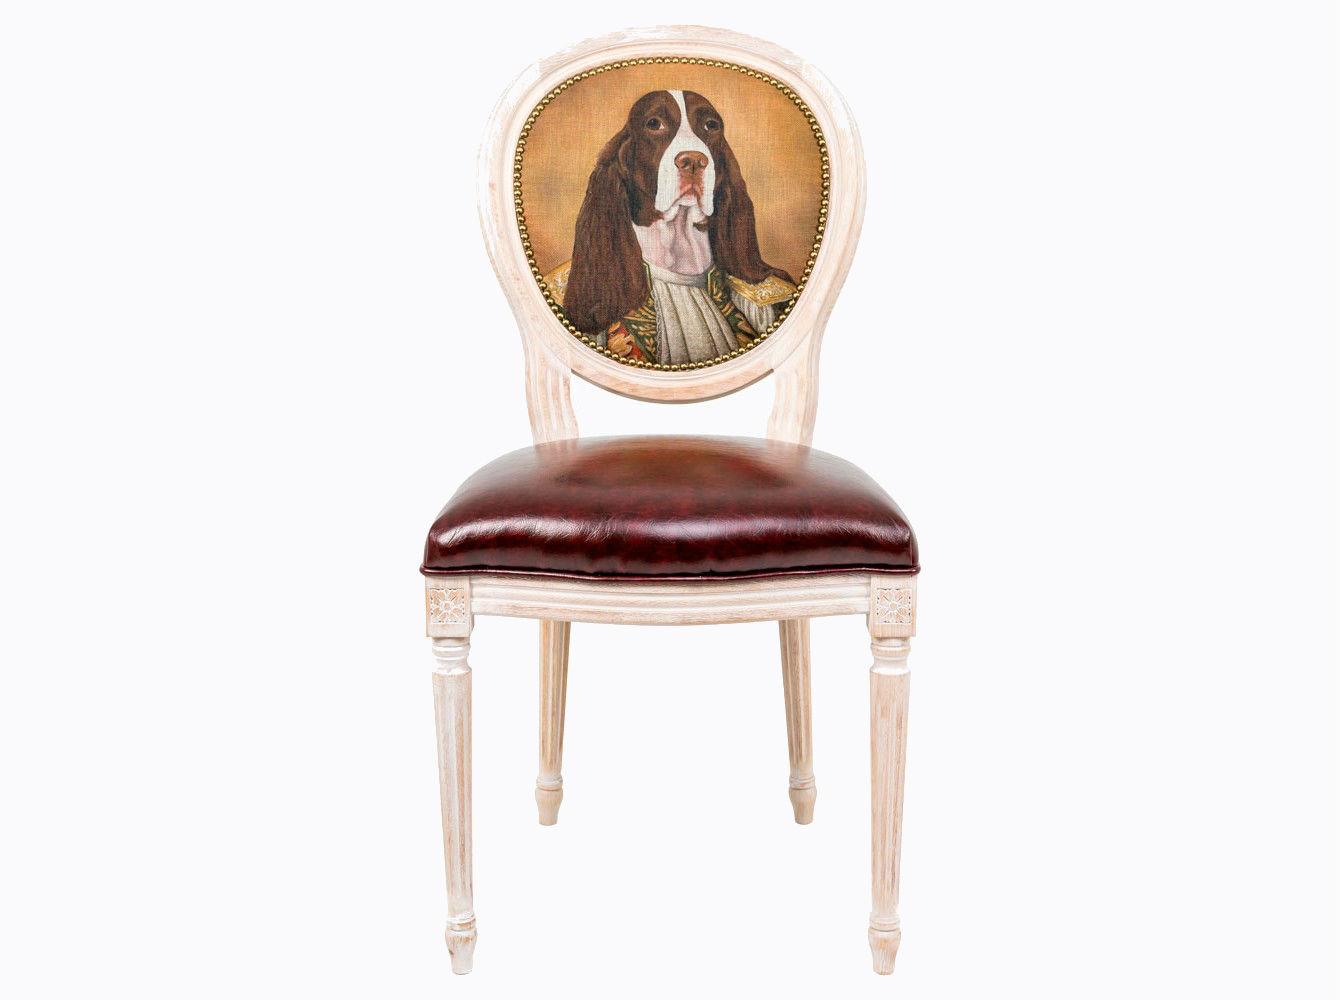 Стул «Музейный экспонат», версия 25Обеденные стулья<br>Корпус стула «Музейный экспонат»  изготовлен из натурального бука. Среди европейских пород бук считается самым прочным и долговечным материалом. По эксклюзивному дизайну &amp;quot;Объекта мечты&amp;quot; корпусы стульев данной серии выточены, брашированы и патинированы в Италии. В дизайне &amp;quot;Музейный экспонат&amp;quot; резьба играет ведущую роль: стул украшен вычурными желобками и цветочными узорами, выточенными с ювелирной меткостью.  В угоду моде &amp;quot;шебби-шик&amp;quot;, благородная фактура натурального дерева подчеркнута рукописной патиной. Штрихи старины обладают специфическим обаянием и теплом. Приобретая такую модель, можно быть уверенными в её эклектичном единстве с роскошным &amp;quot;ренессансом&amp;quot; и изнеженным &amp;quot;ампиром&amp;quot;, аскетичным &amp;quot;лофтом&amp;quot; и салонным &amp;quot;ар-деко&amp;quot;. Обивка оснащена тефлоновым покрытием против пятен. <br>Не упустите возможности обладания поистине уникальной дизайнерской мебелью, - коллекция &amp;quot;Музейный экспонат&amp;quot; выпущена лимитированными экземплярами.&amp;amp;nbsp;&amp;lt;div&amp;gt;&amp;lt;br&amp;gt;&amp;lt;/div&amp;gt;&amp;lt;div&amp;gt;Каркас - натуральное дерево бука, обивка сиденья и оборотной стороны спинки - эко-кожа, обивка спинки: 29% лен, 9 % хлопок, 72% полиэстер&amp;lt;br&amp;gt;&amp;lt;/div&amp;gt;<br><br>Material: Дерево<br>Ширина см: 55<br>Высота см: 95<br>Глубина см: 50